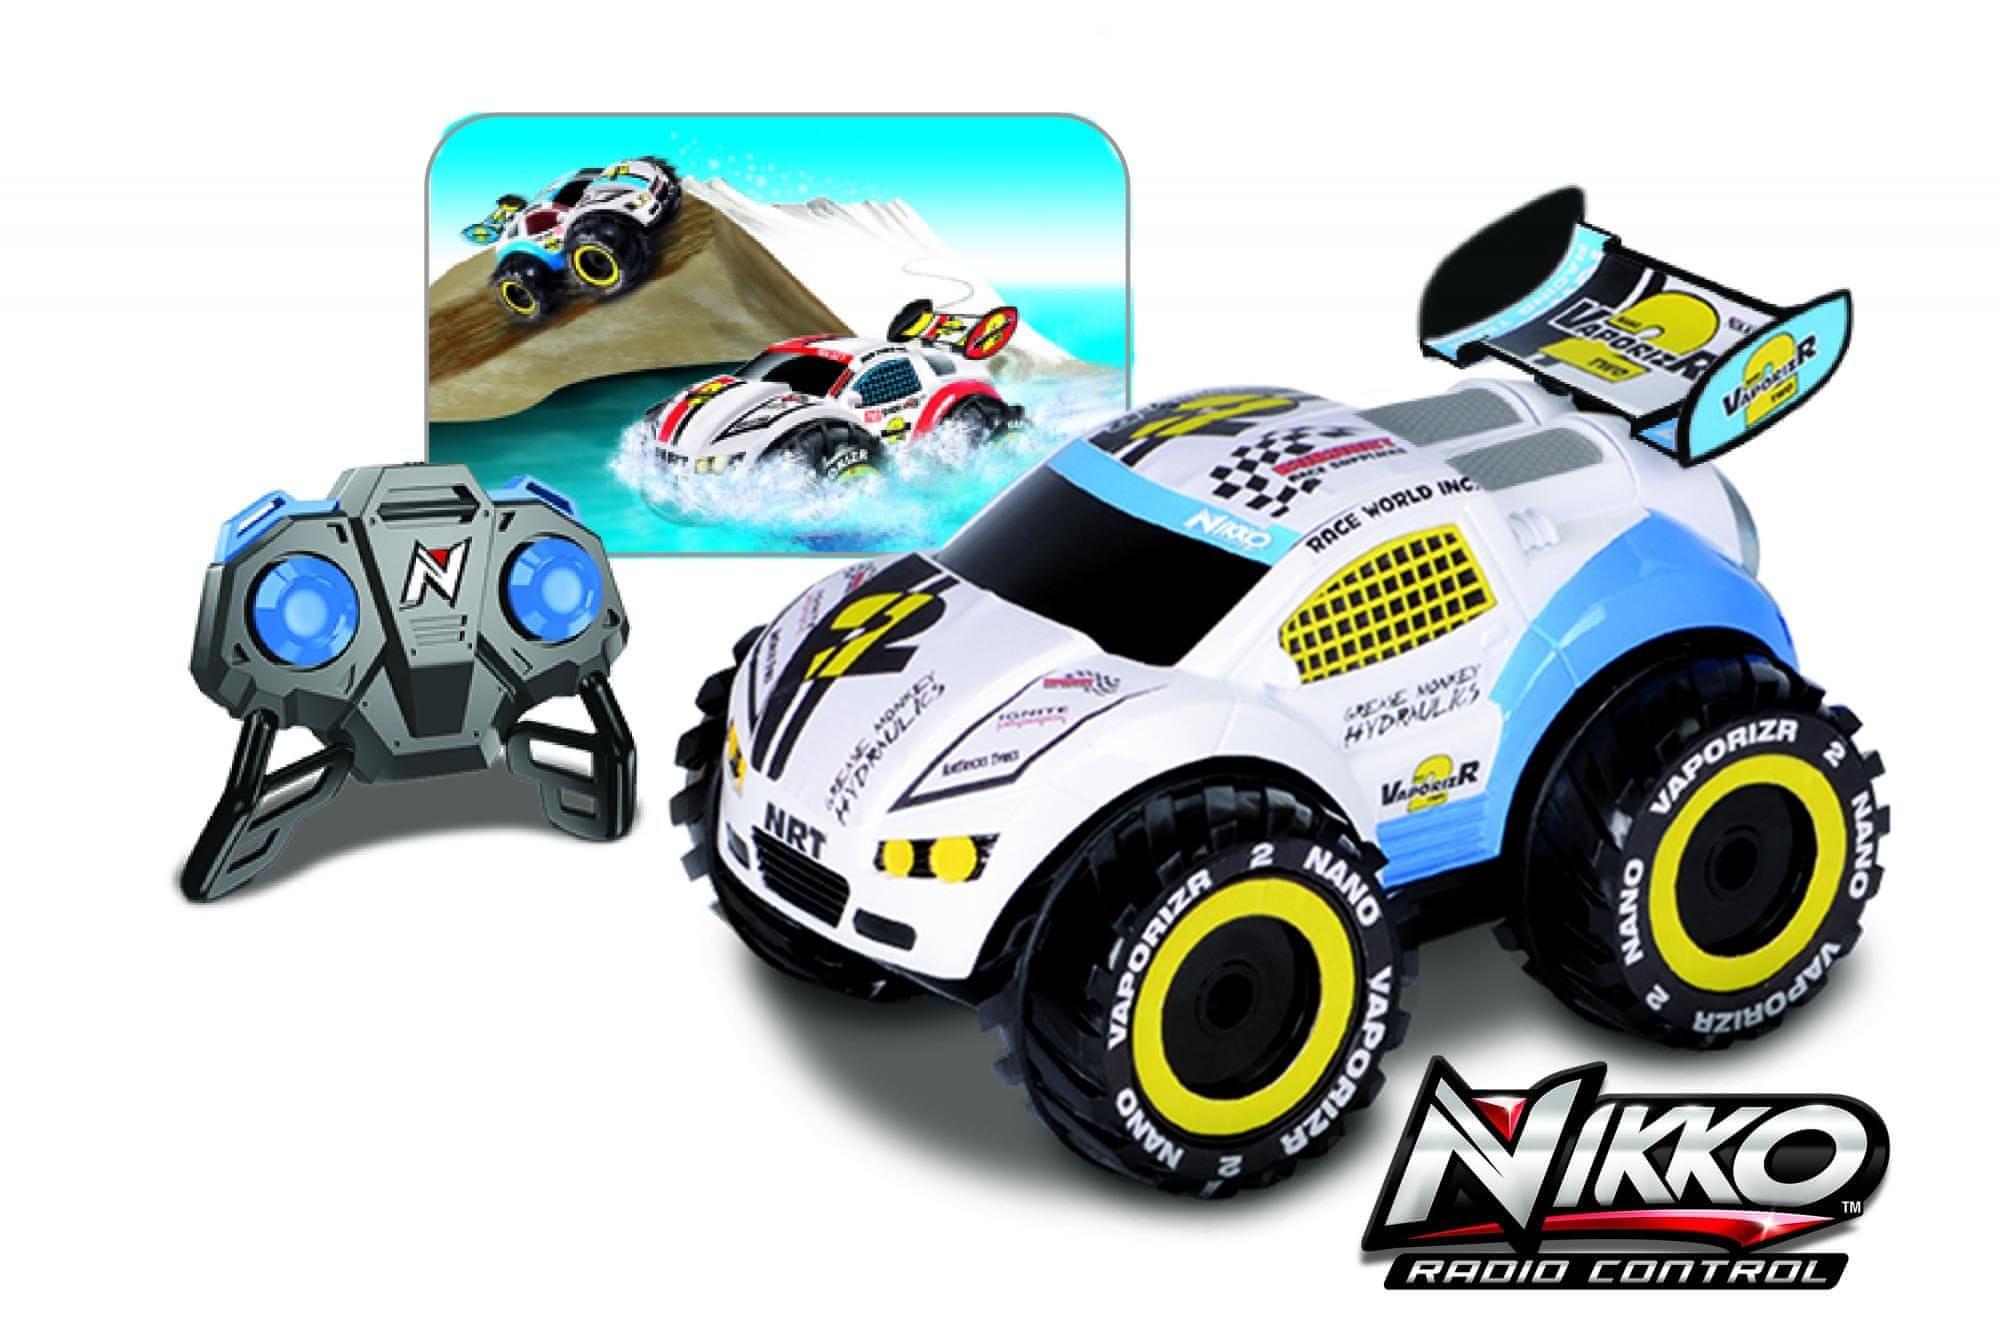 Nikko Nano Vaporizr 2 Távirányítós autó, Kék, 27 MHz